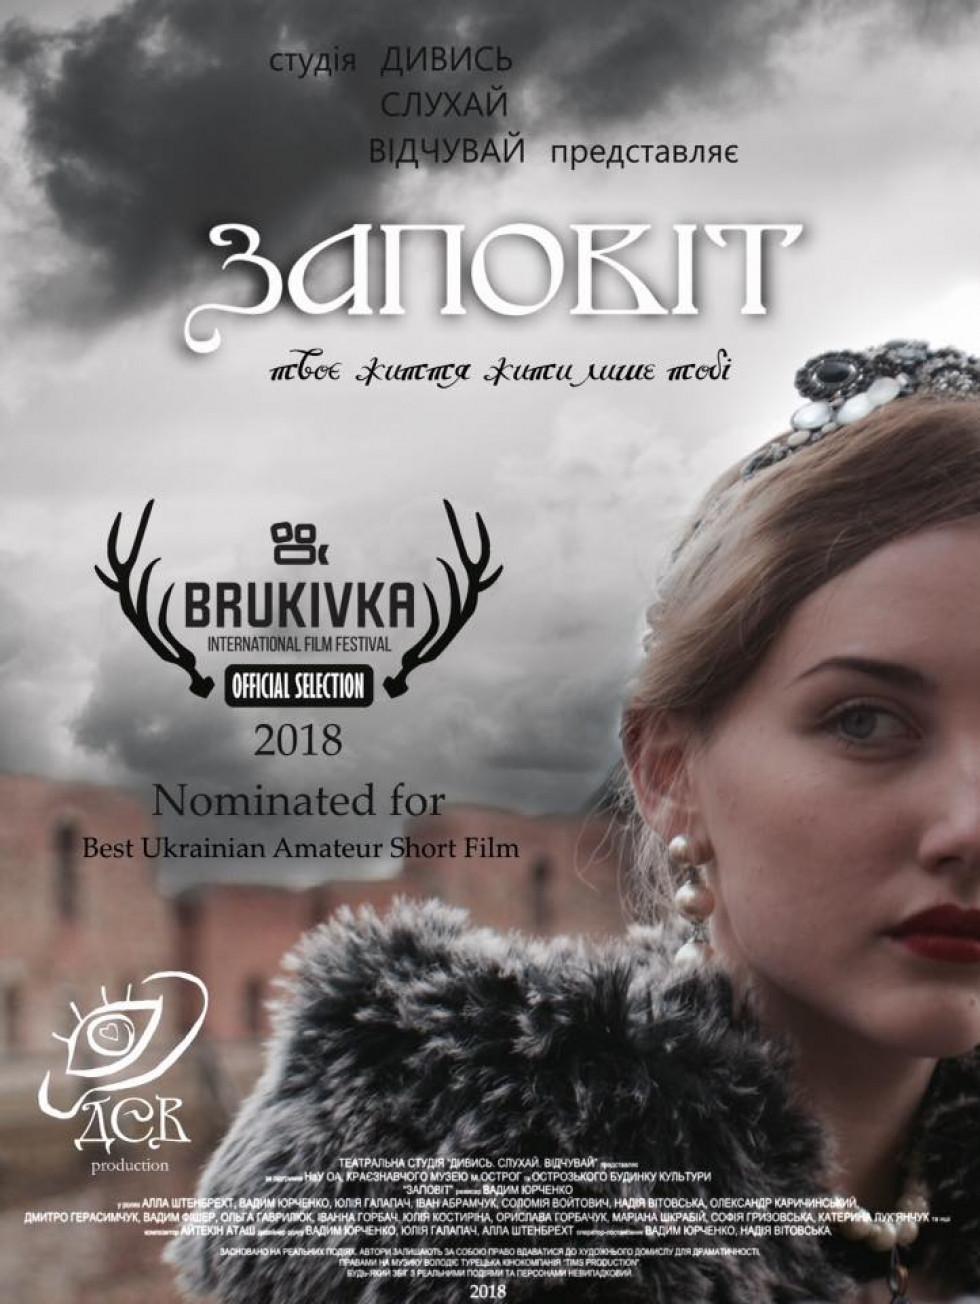 Постер фільму «Заповіт» Вадима Юрченка